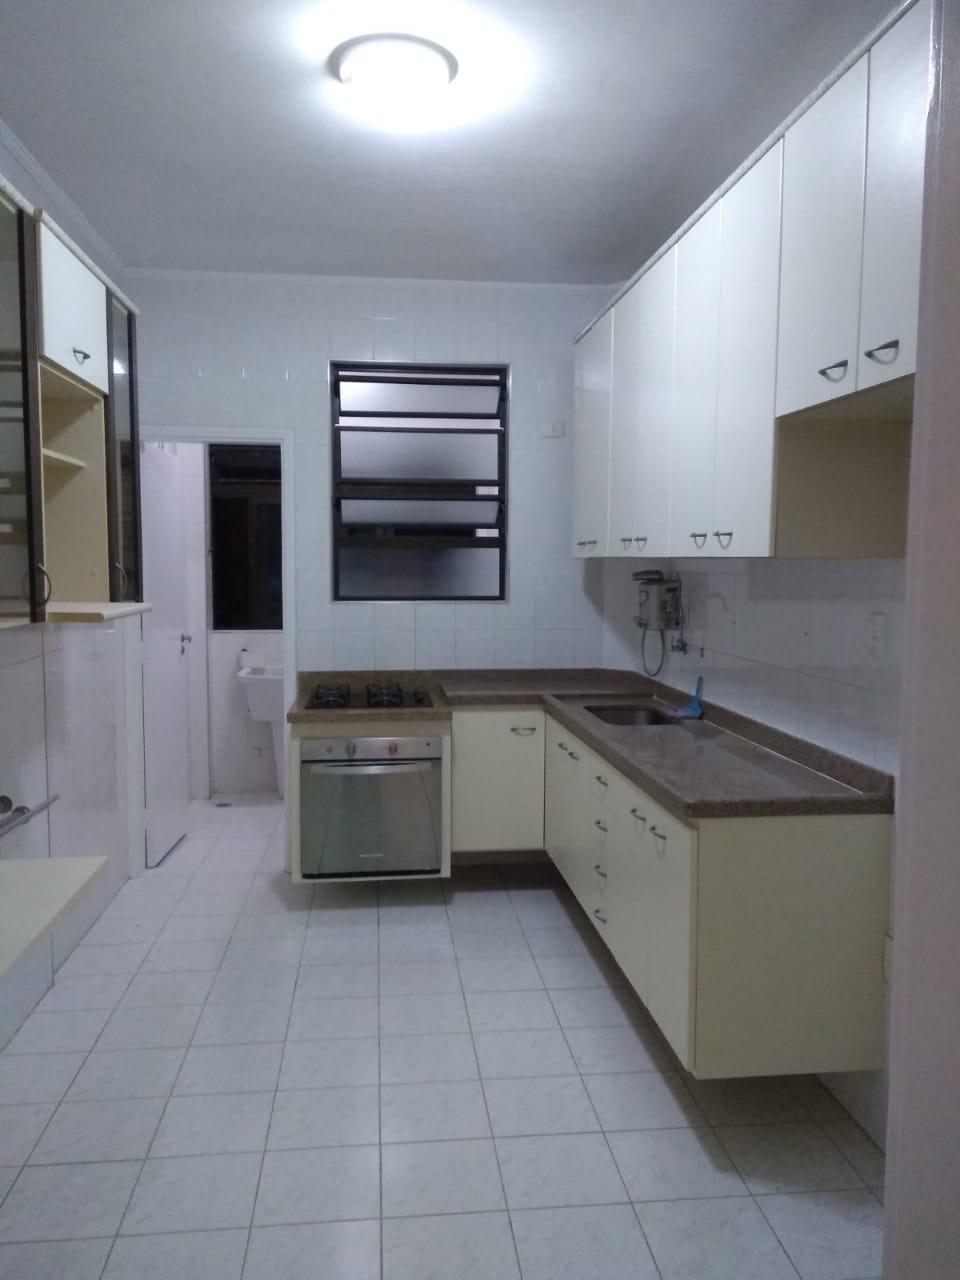 Embaré apartamento 2 dormitórios com suite  Próximo à praia. Excelente localização - foto 7